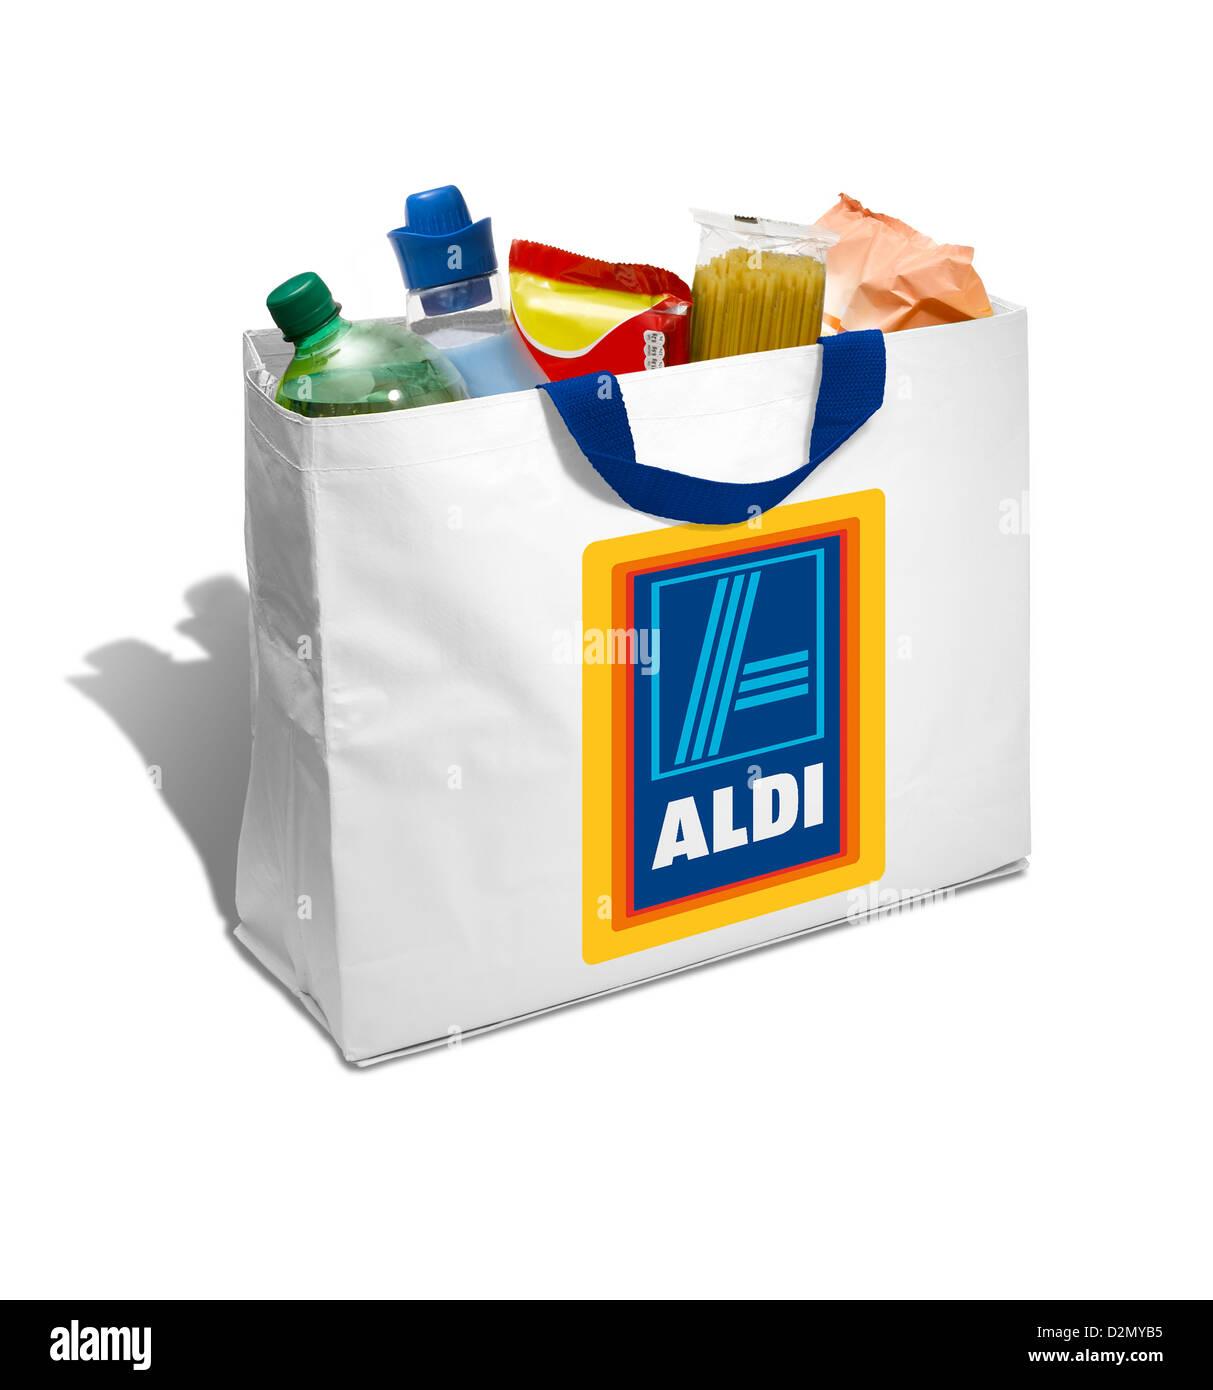 Aldi Blanco bolso de compras lleno de comestibles sobre un fondo blanco. Foto de stock